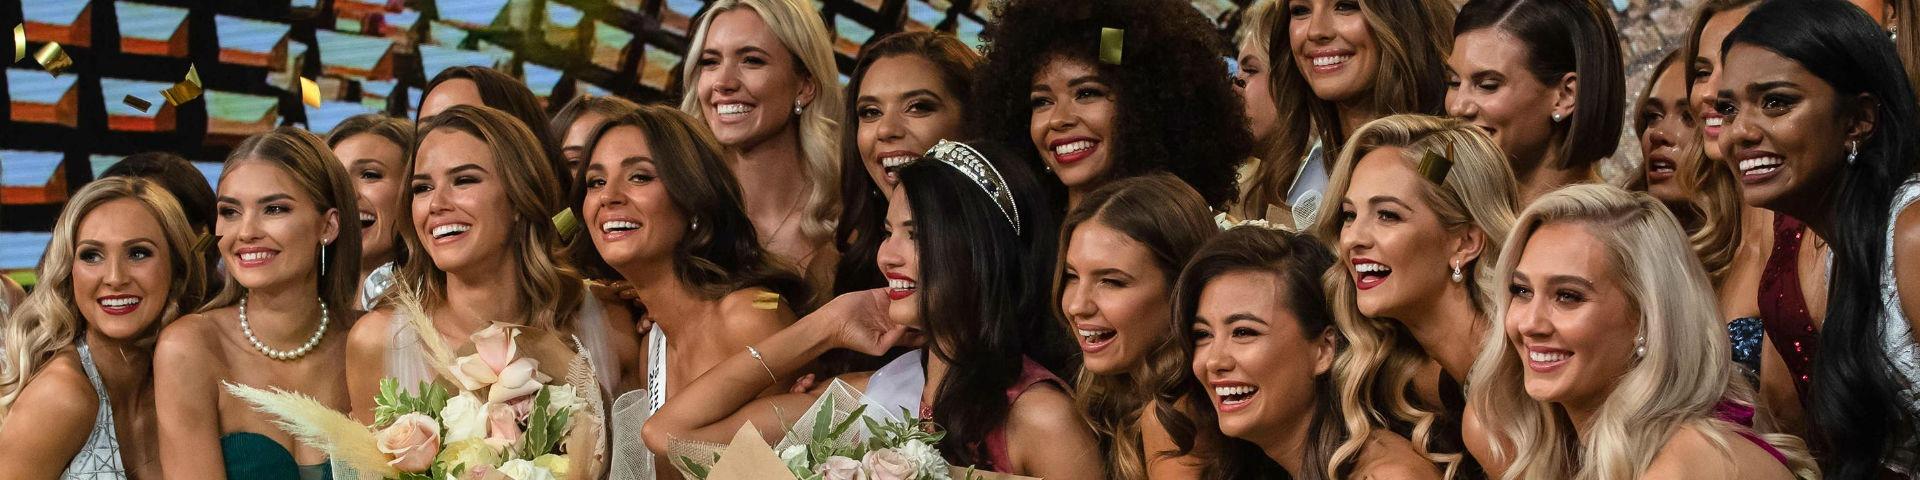 БК «1хСтавка»: Сильви Сильва победит на конкурсе «Мисс Вселенная 2019»